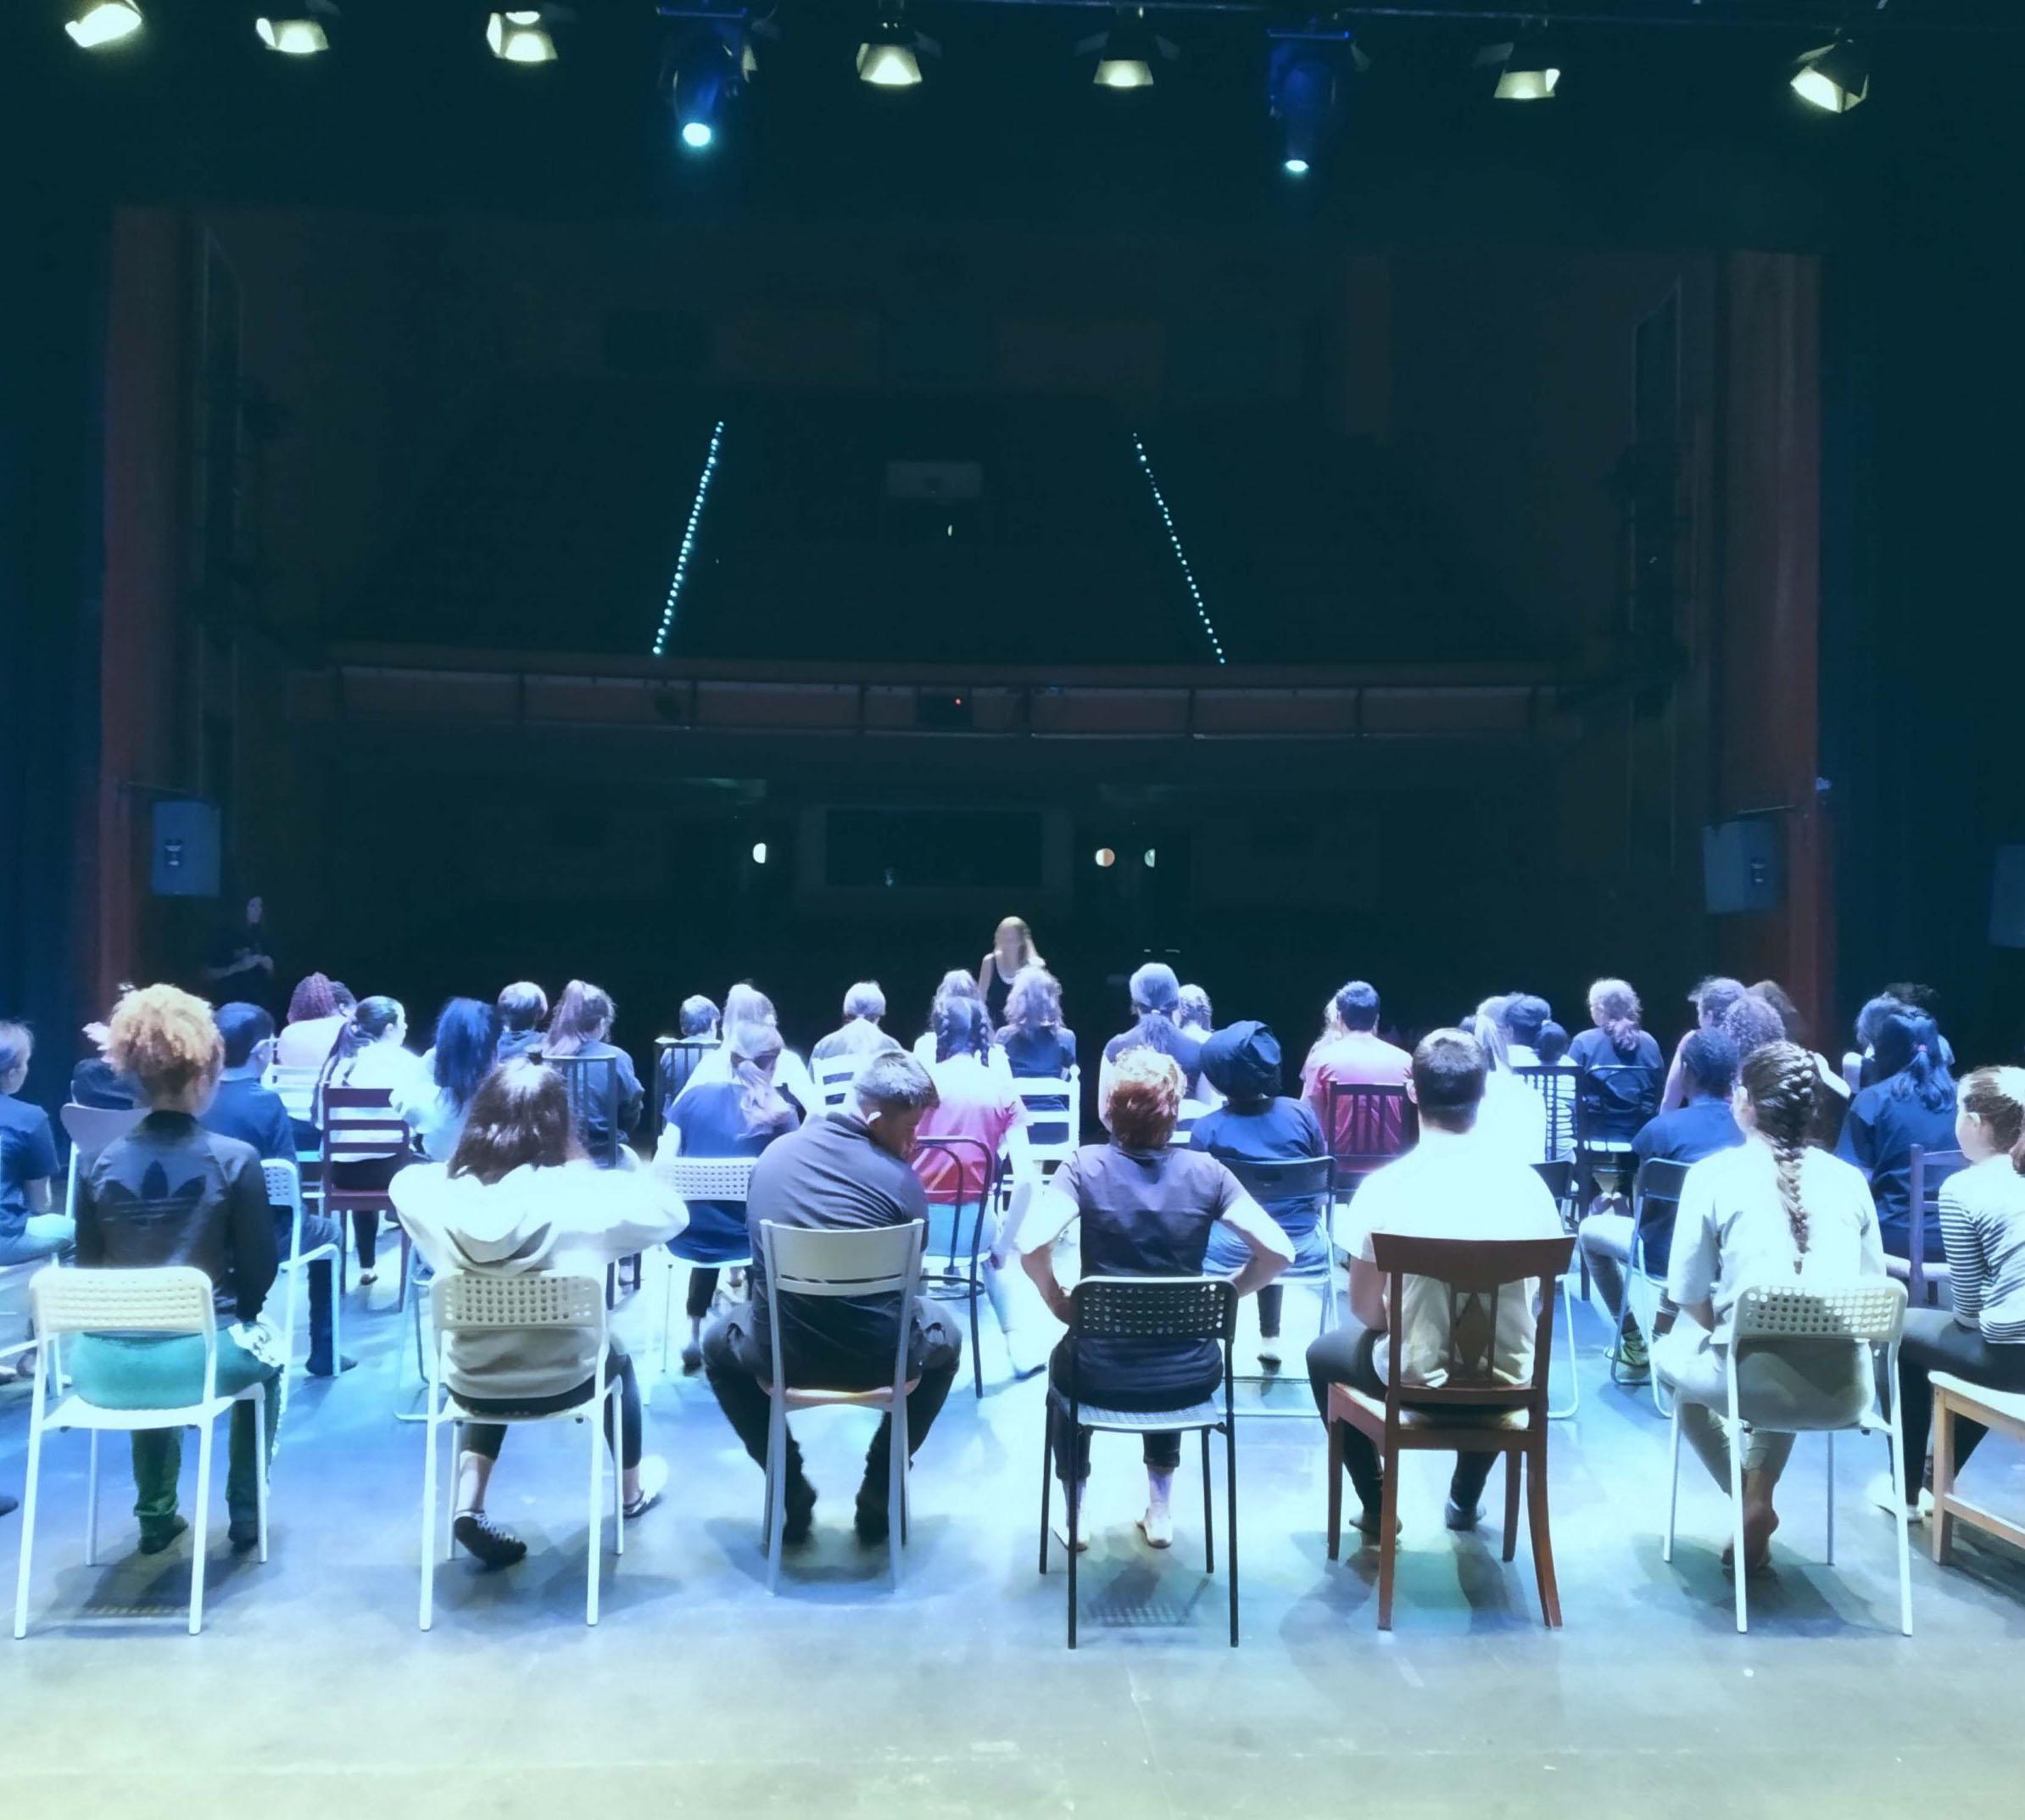 Función donde todas las artistas están sentadas como si fueran el público.